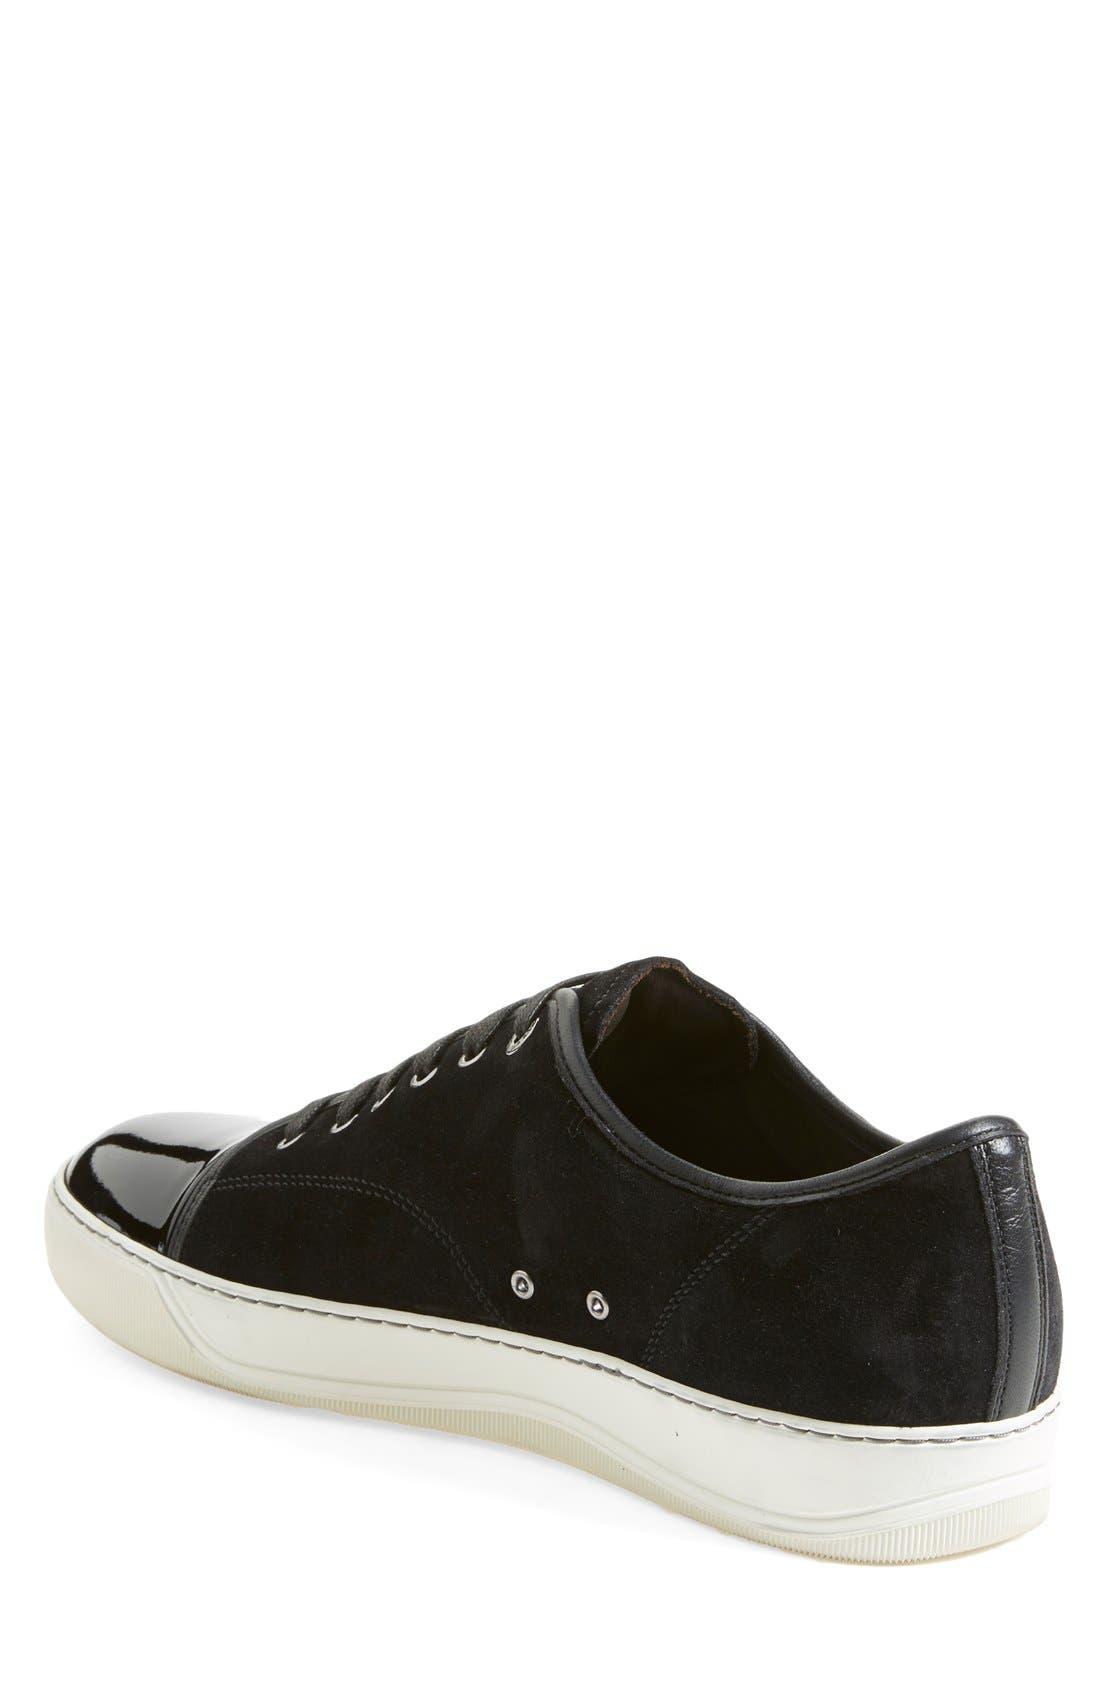 LANVIN, Low Top Suede Sneaker, Alternate thumbnail 2, color, BLACK